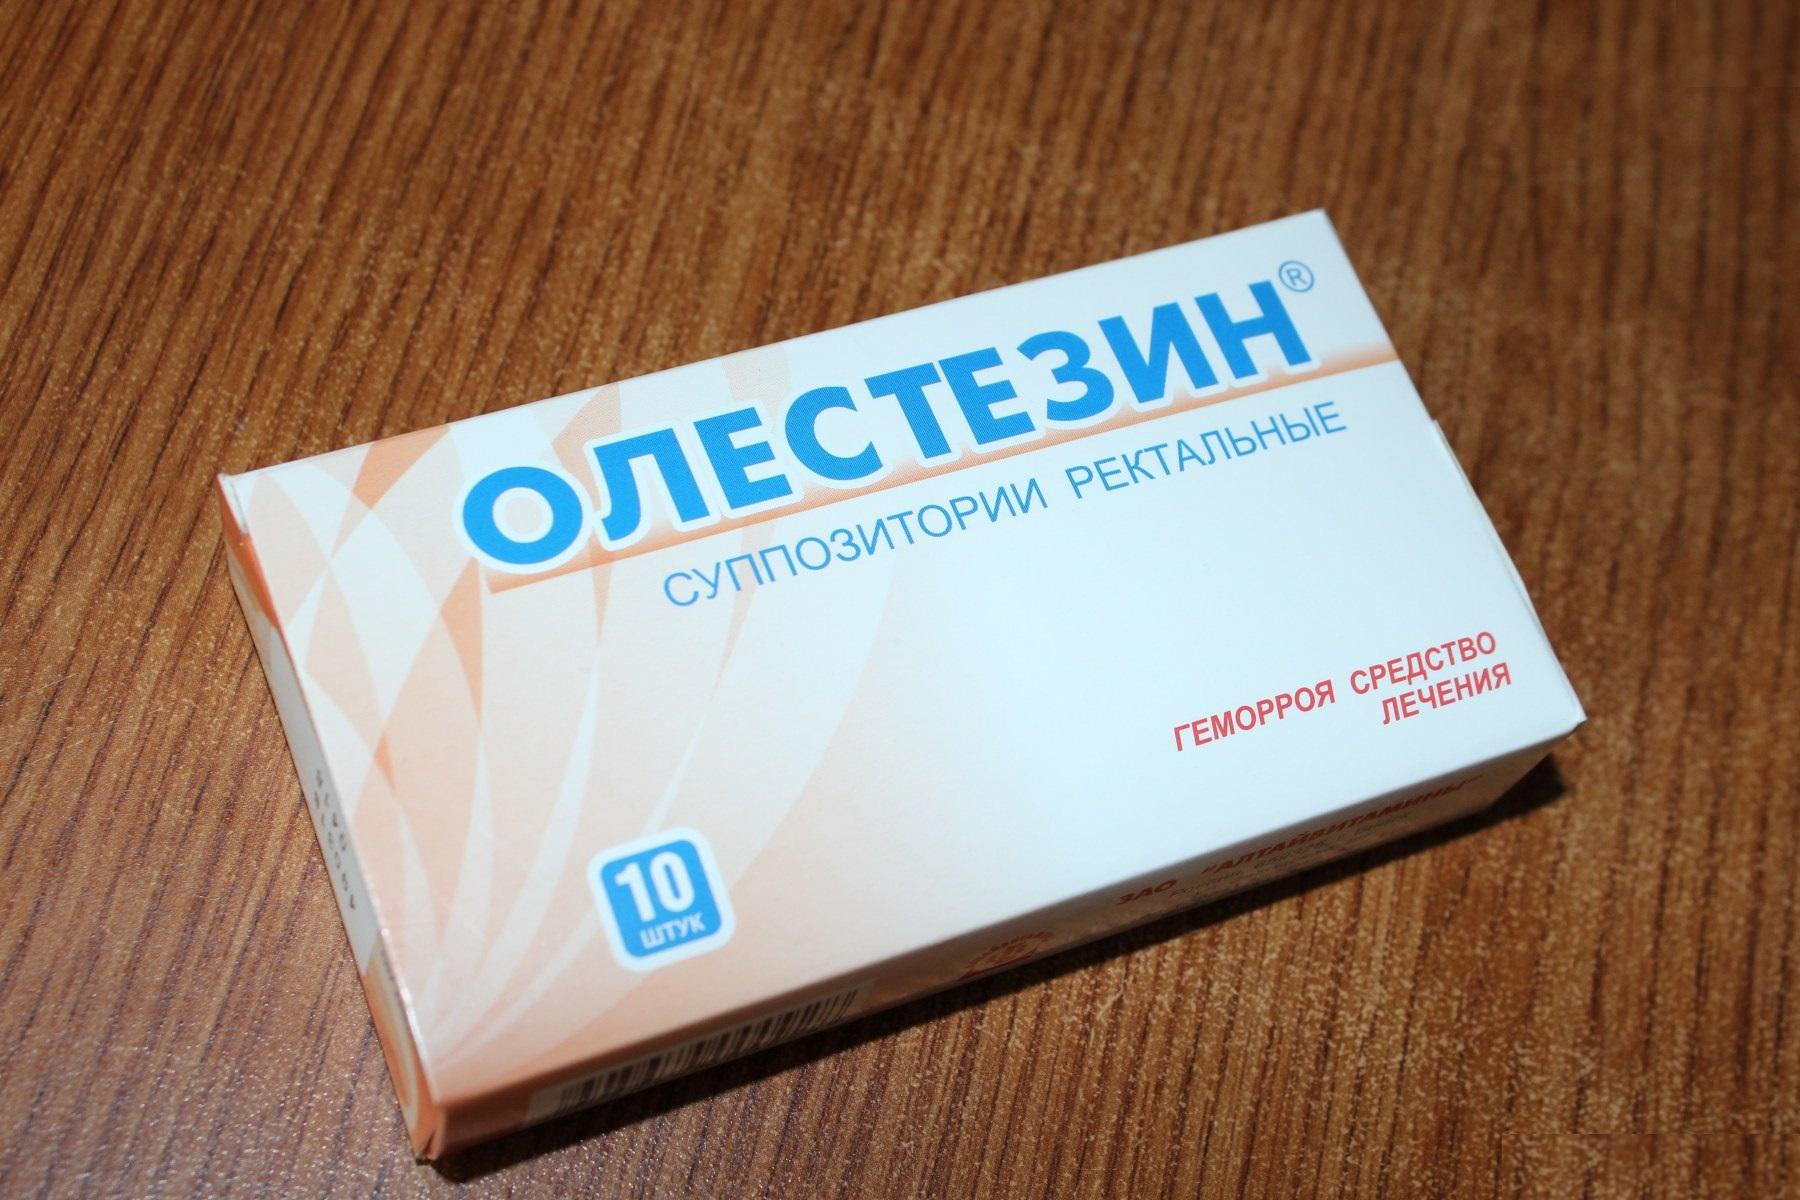 Олестезин побочные эффекты